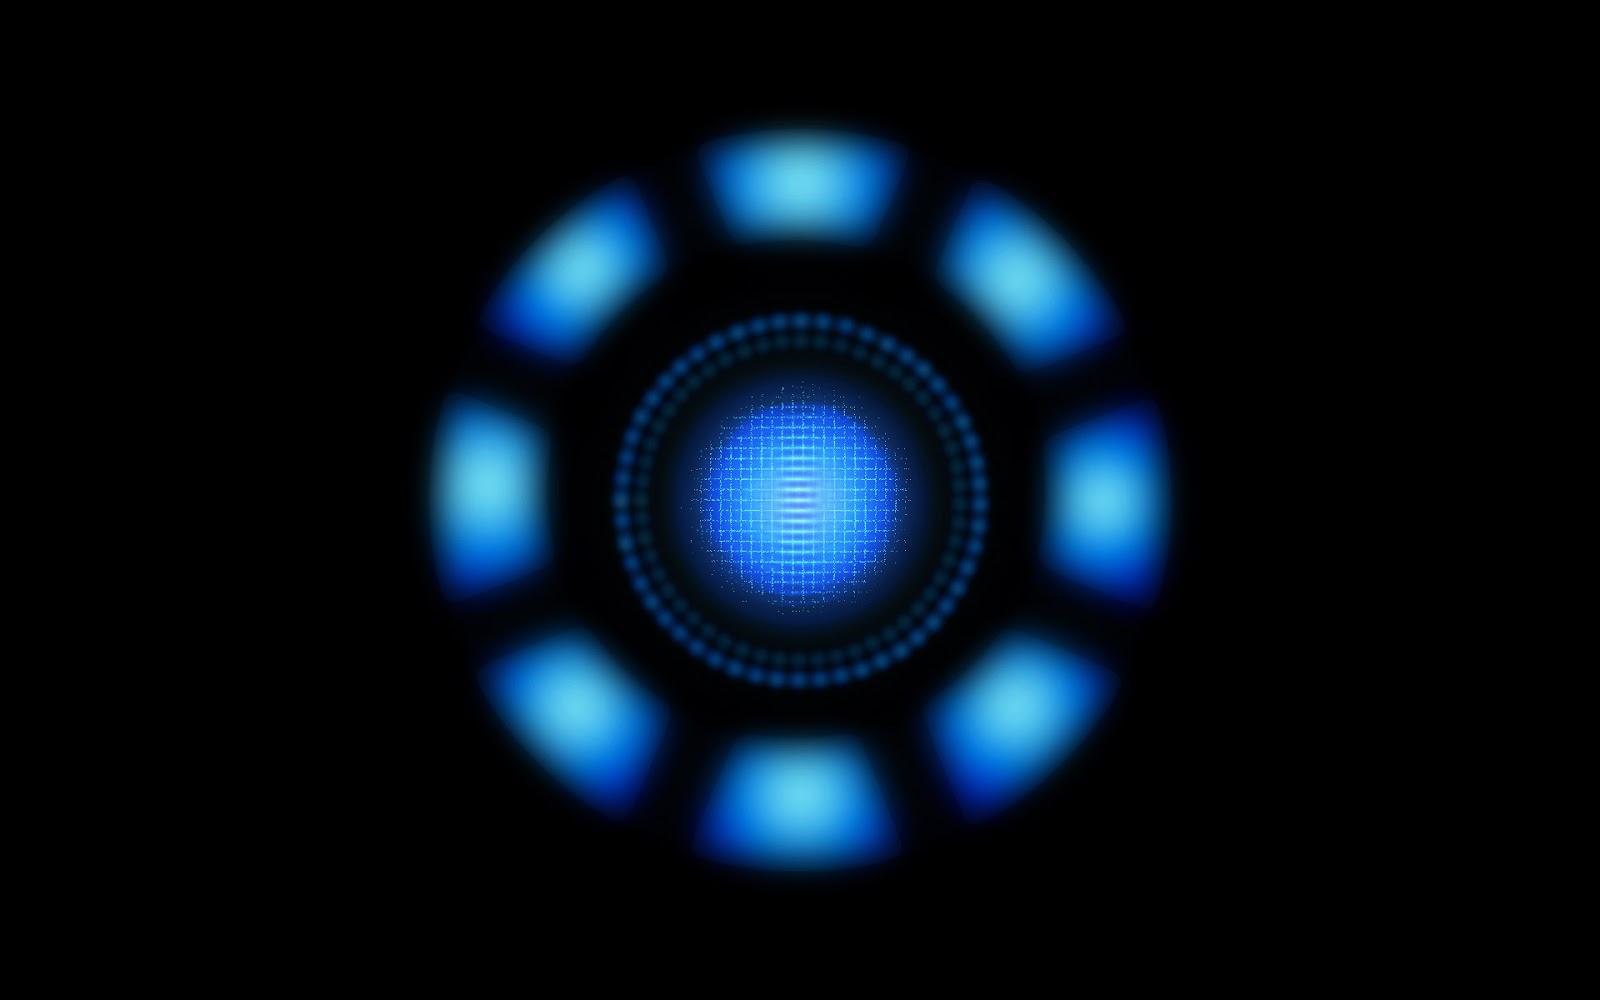 Publicado por Arduino EasyVR en 634 p m No hay comentarios 1600x1000